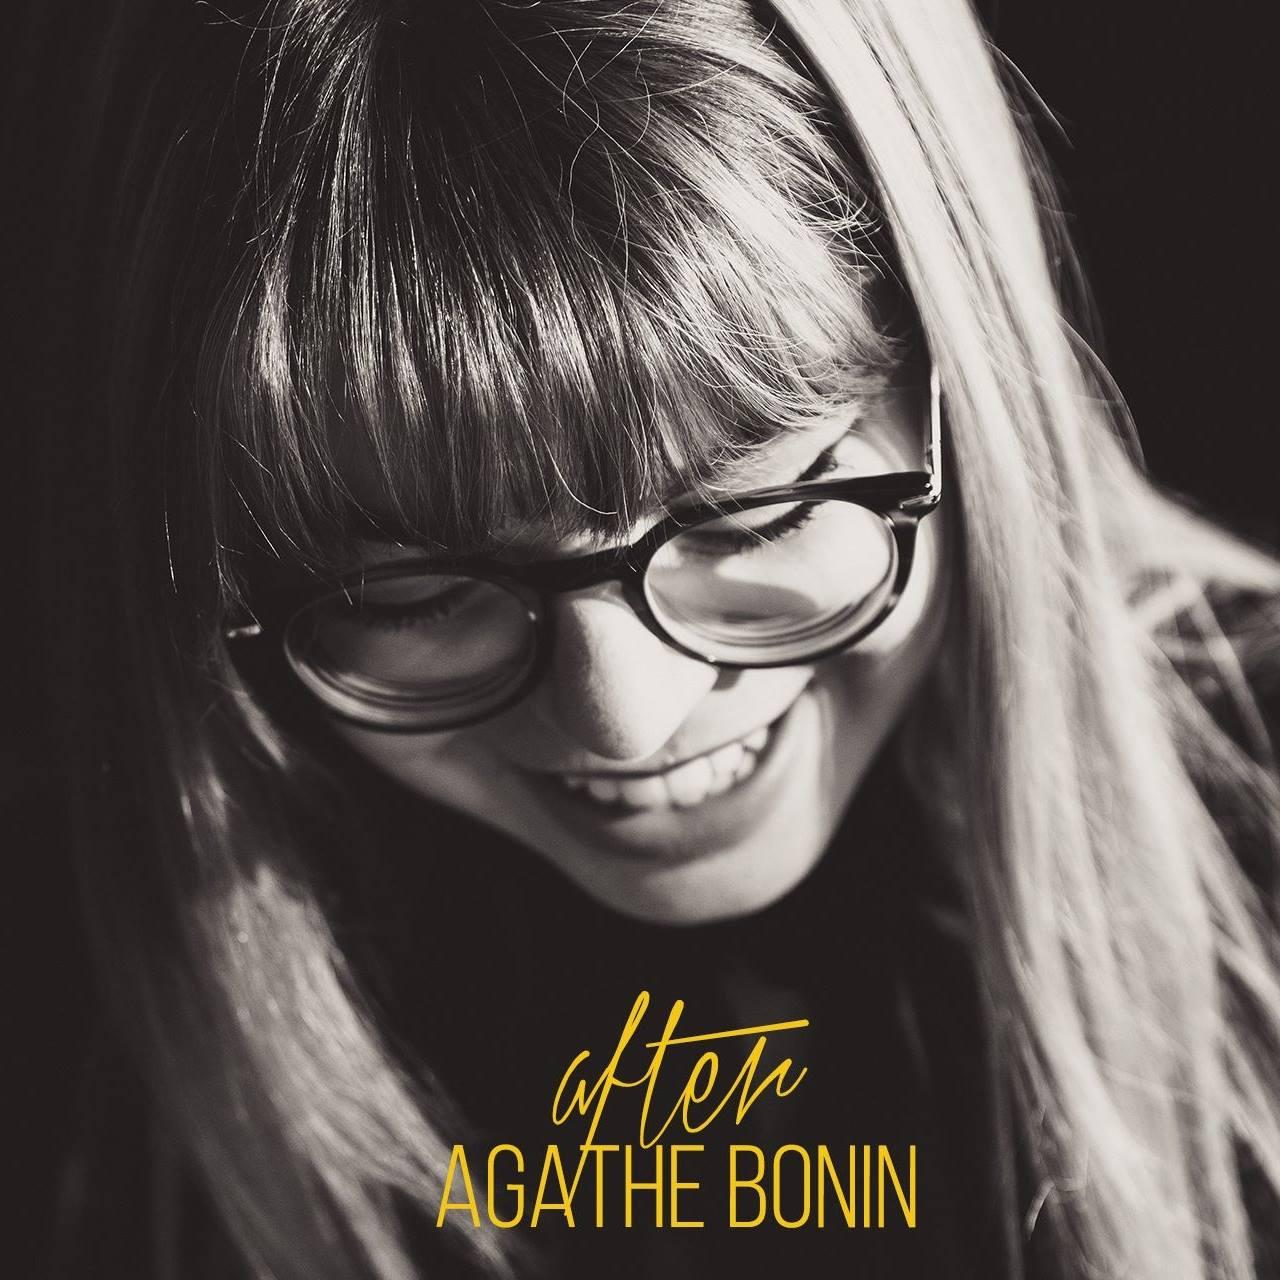 Agathe Bonin - AFTER